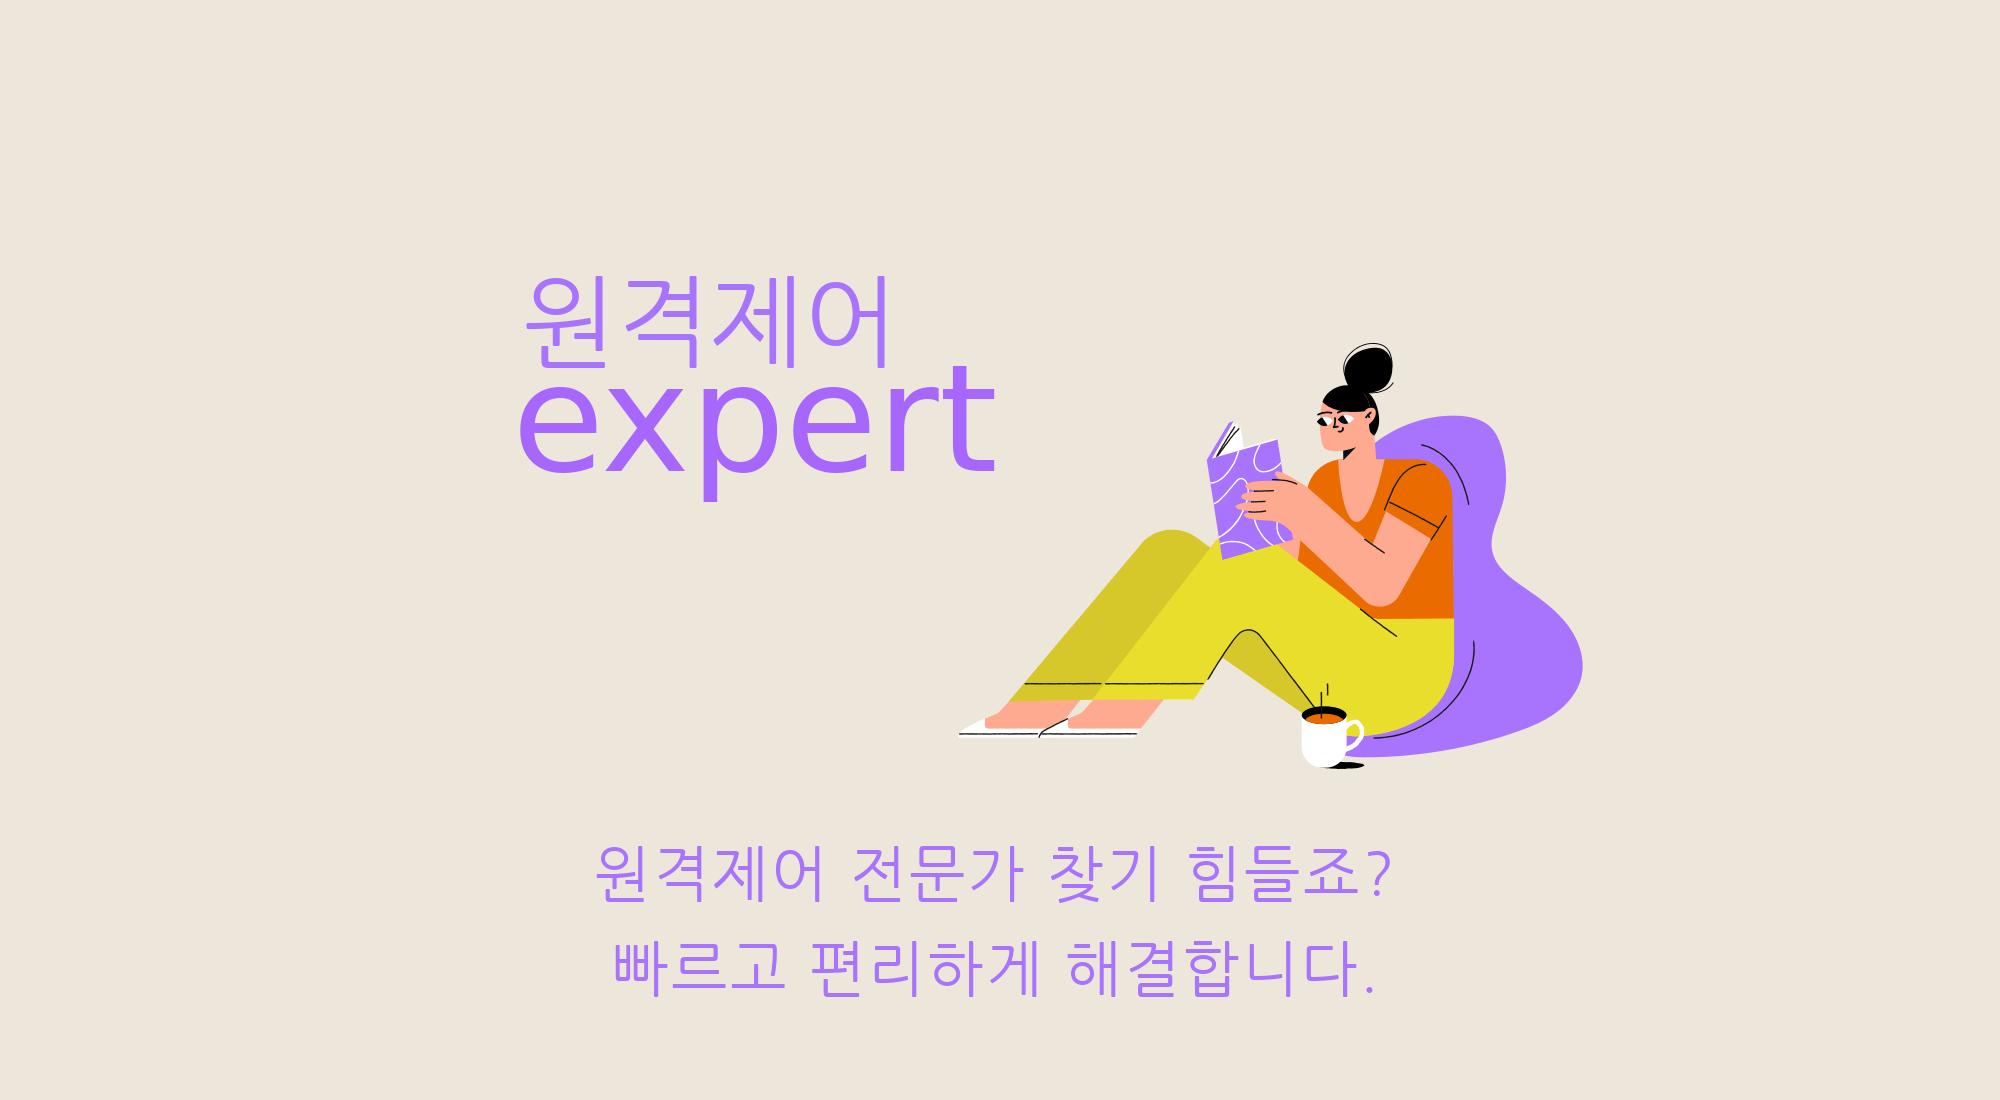 콤비엔컴 원격제어 expert